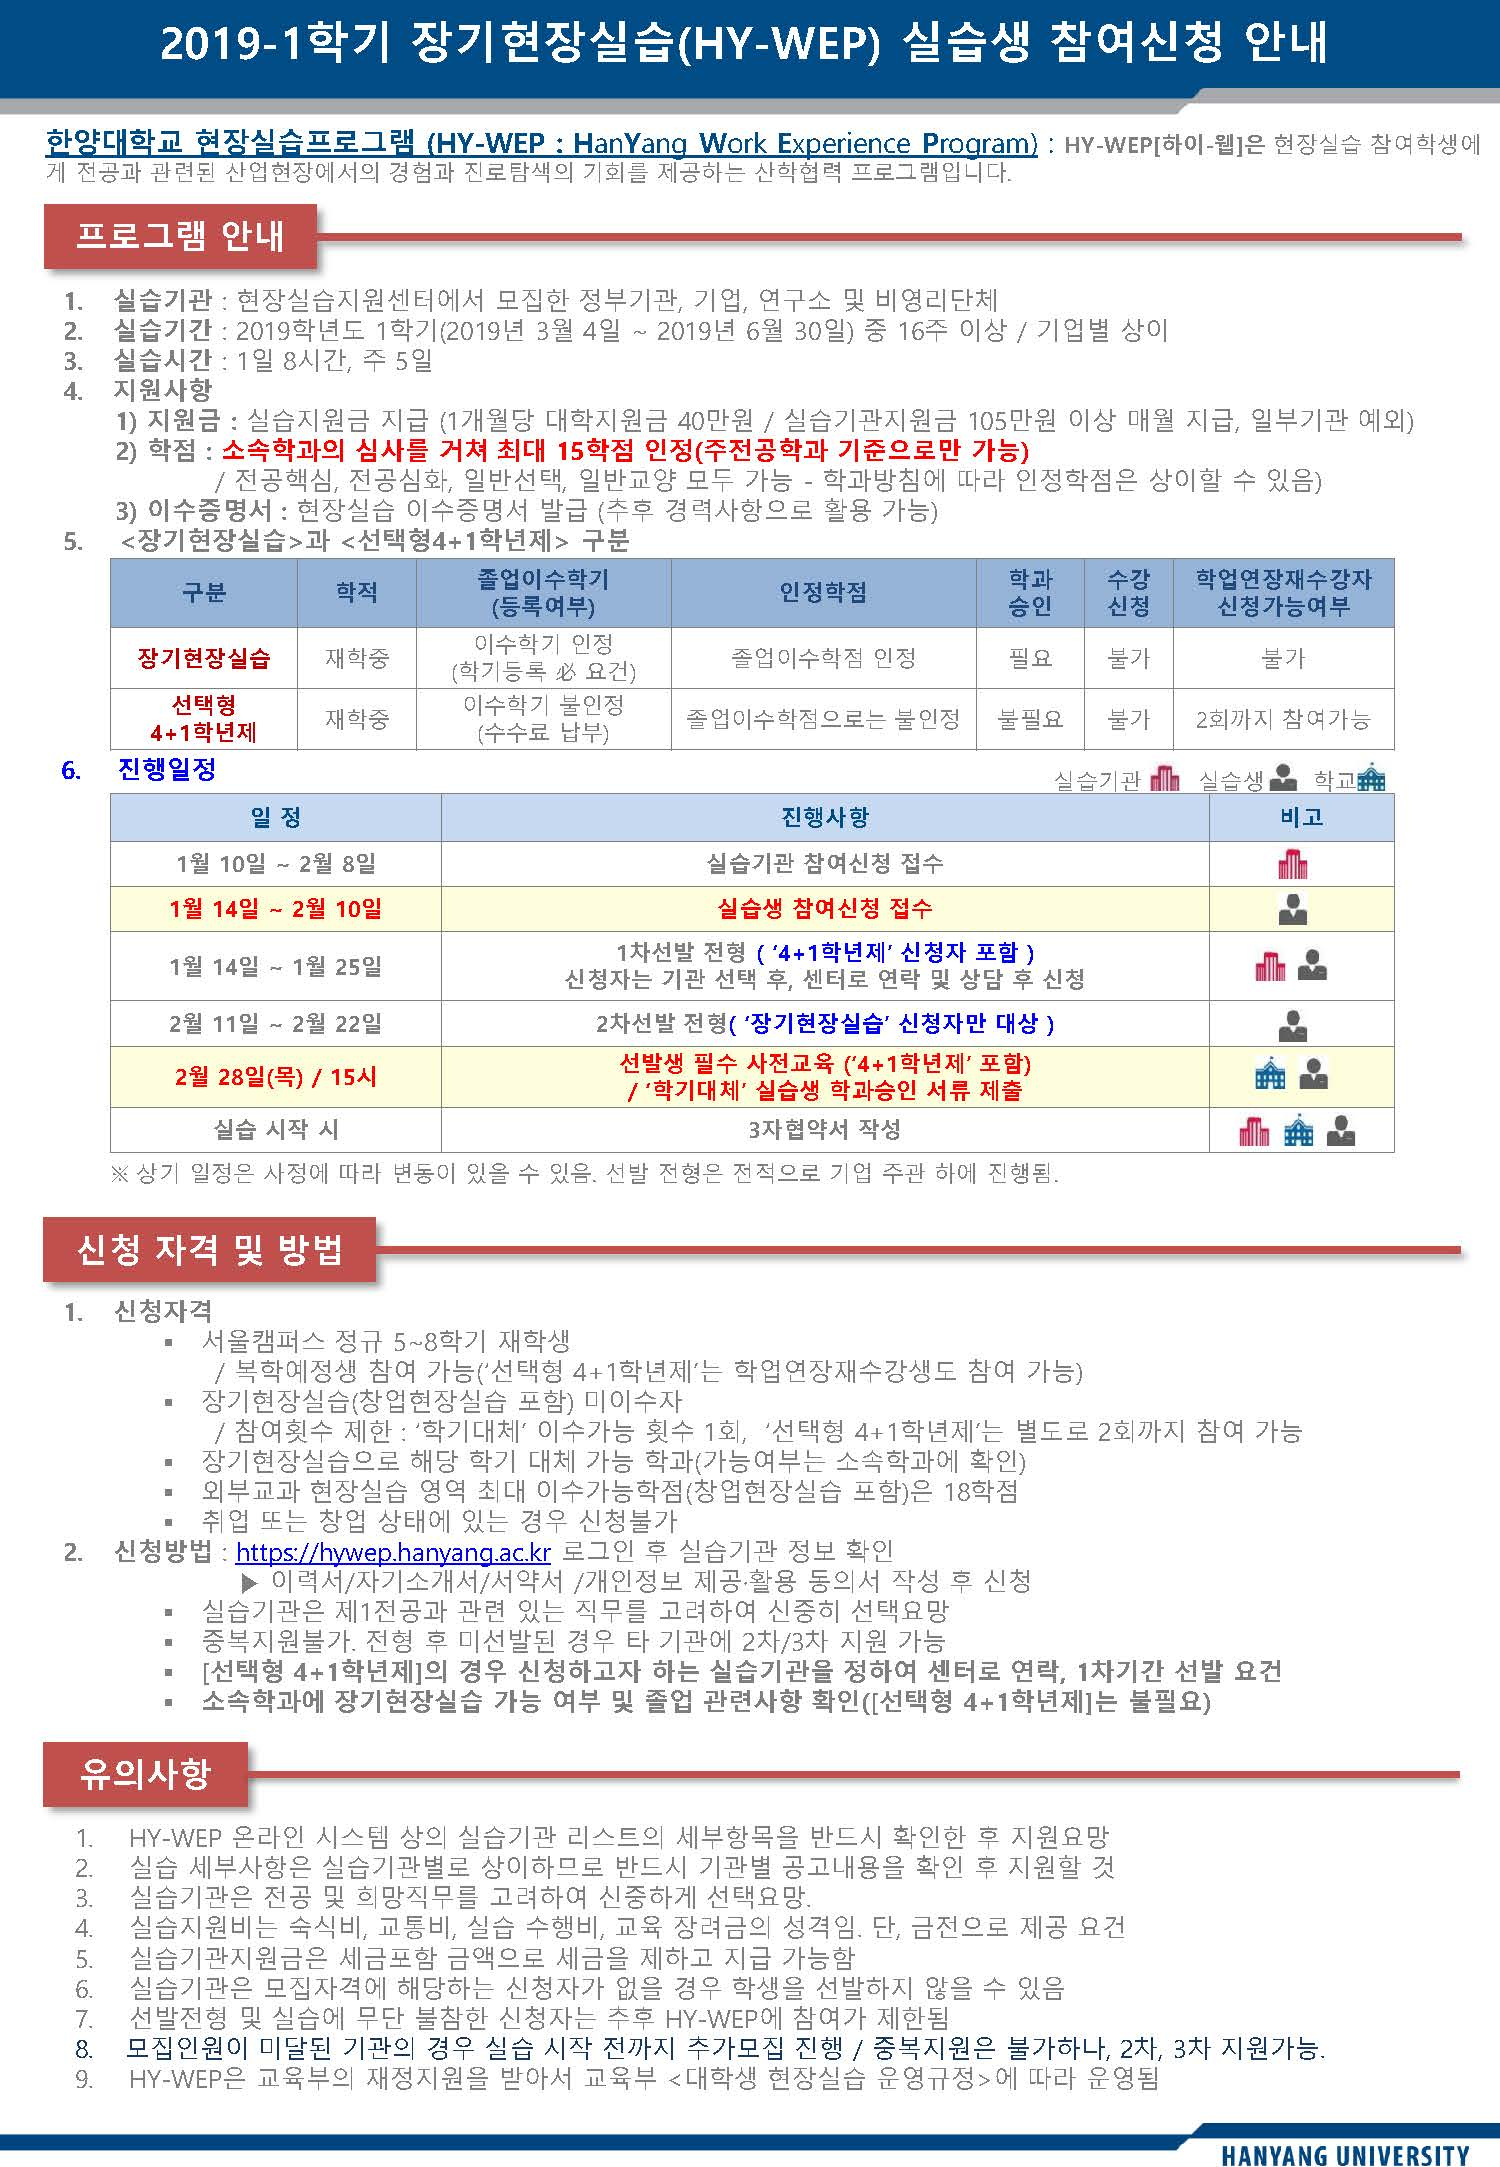 [현장실습지원센터] 2019-1학기 장기현장실습(HY-WEP) 실습생 모집 안내